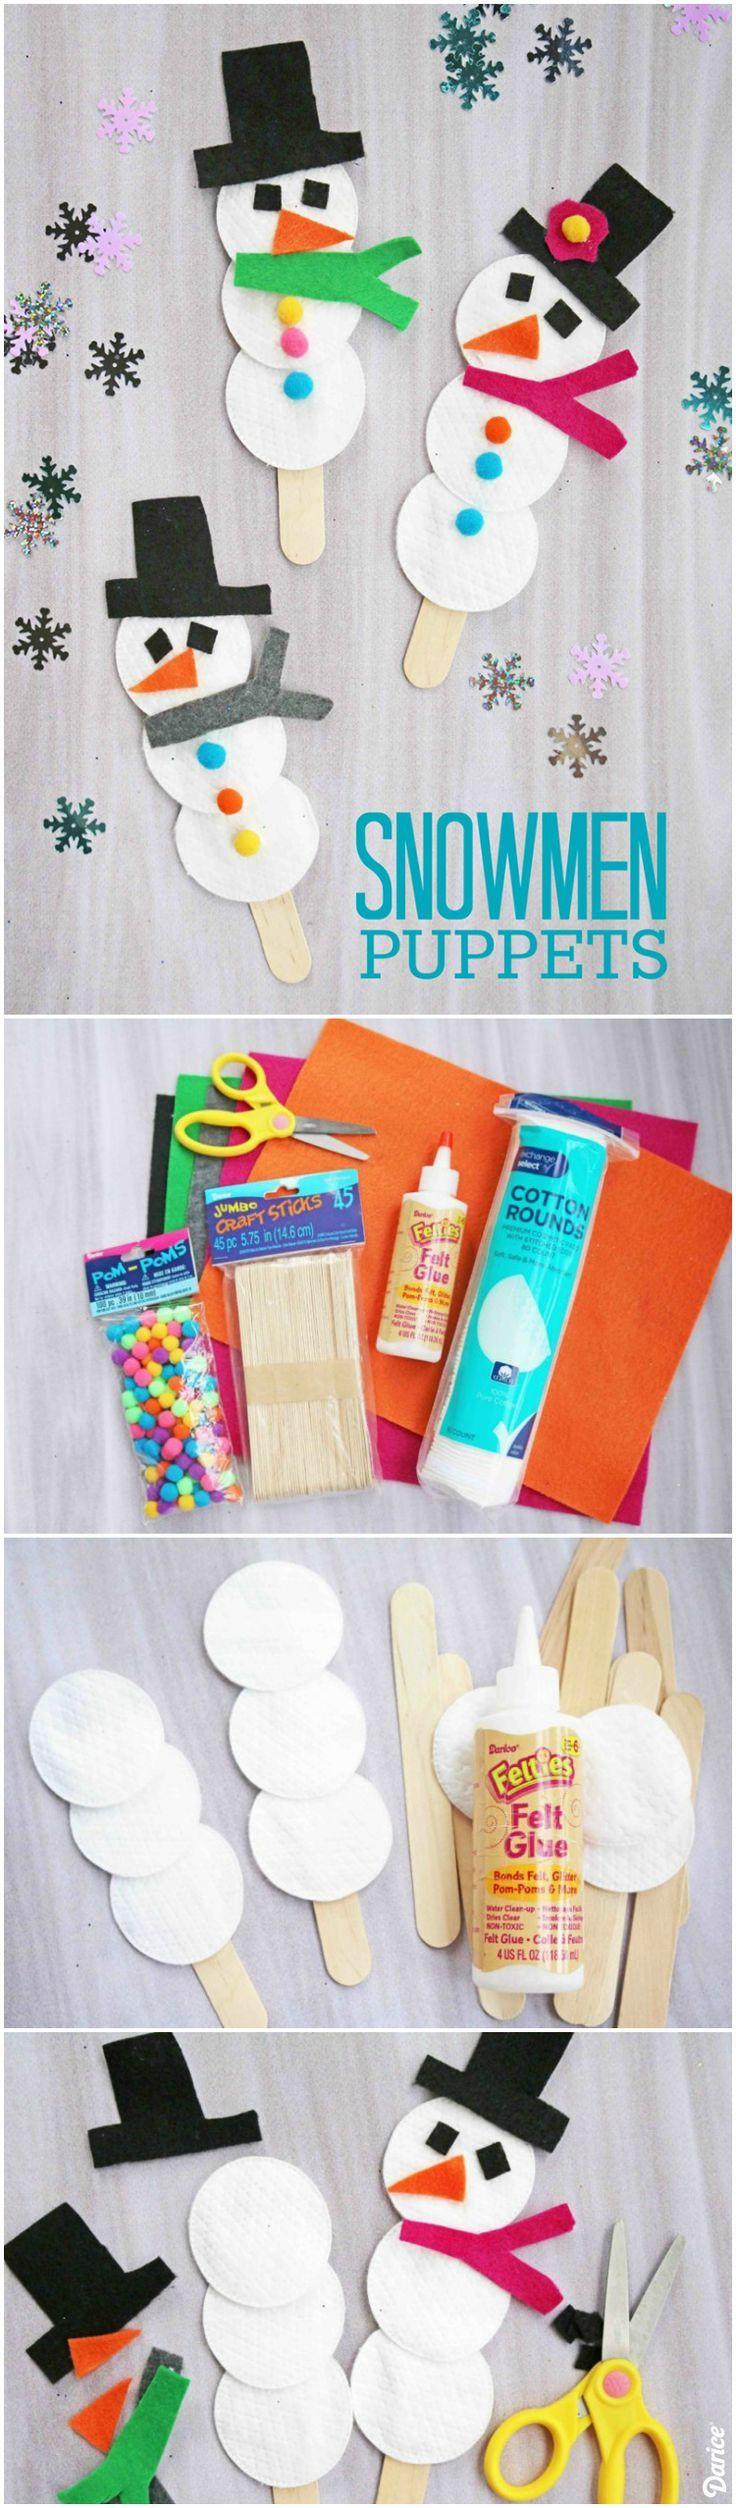 Schneemann Puppe Easy Winter Craft für Kinder – Darice